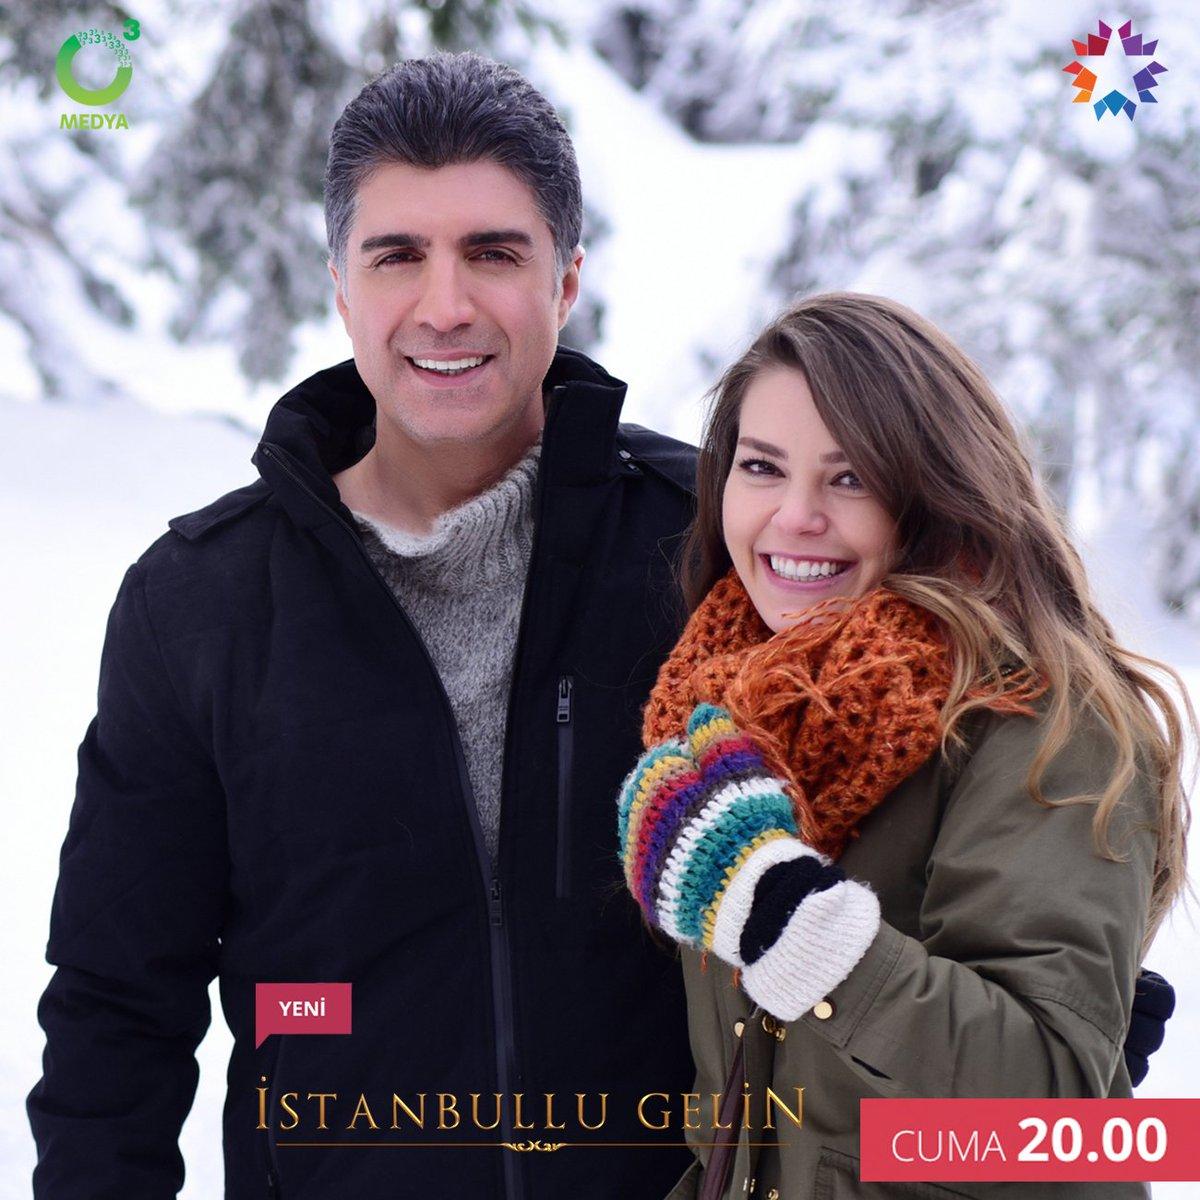 Faruk ve Süreyya'nın tutku dolu aşkını izleyeceğiniz #İstanbulluGelin...